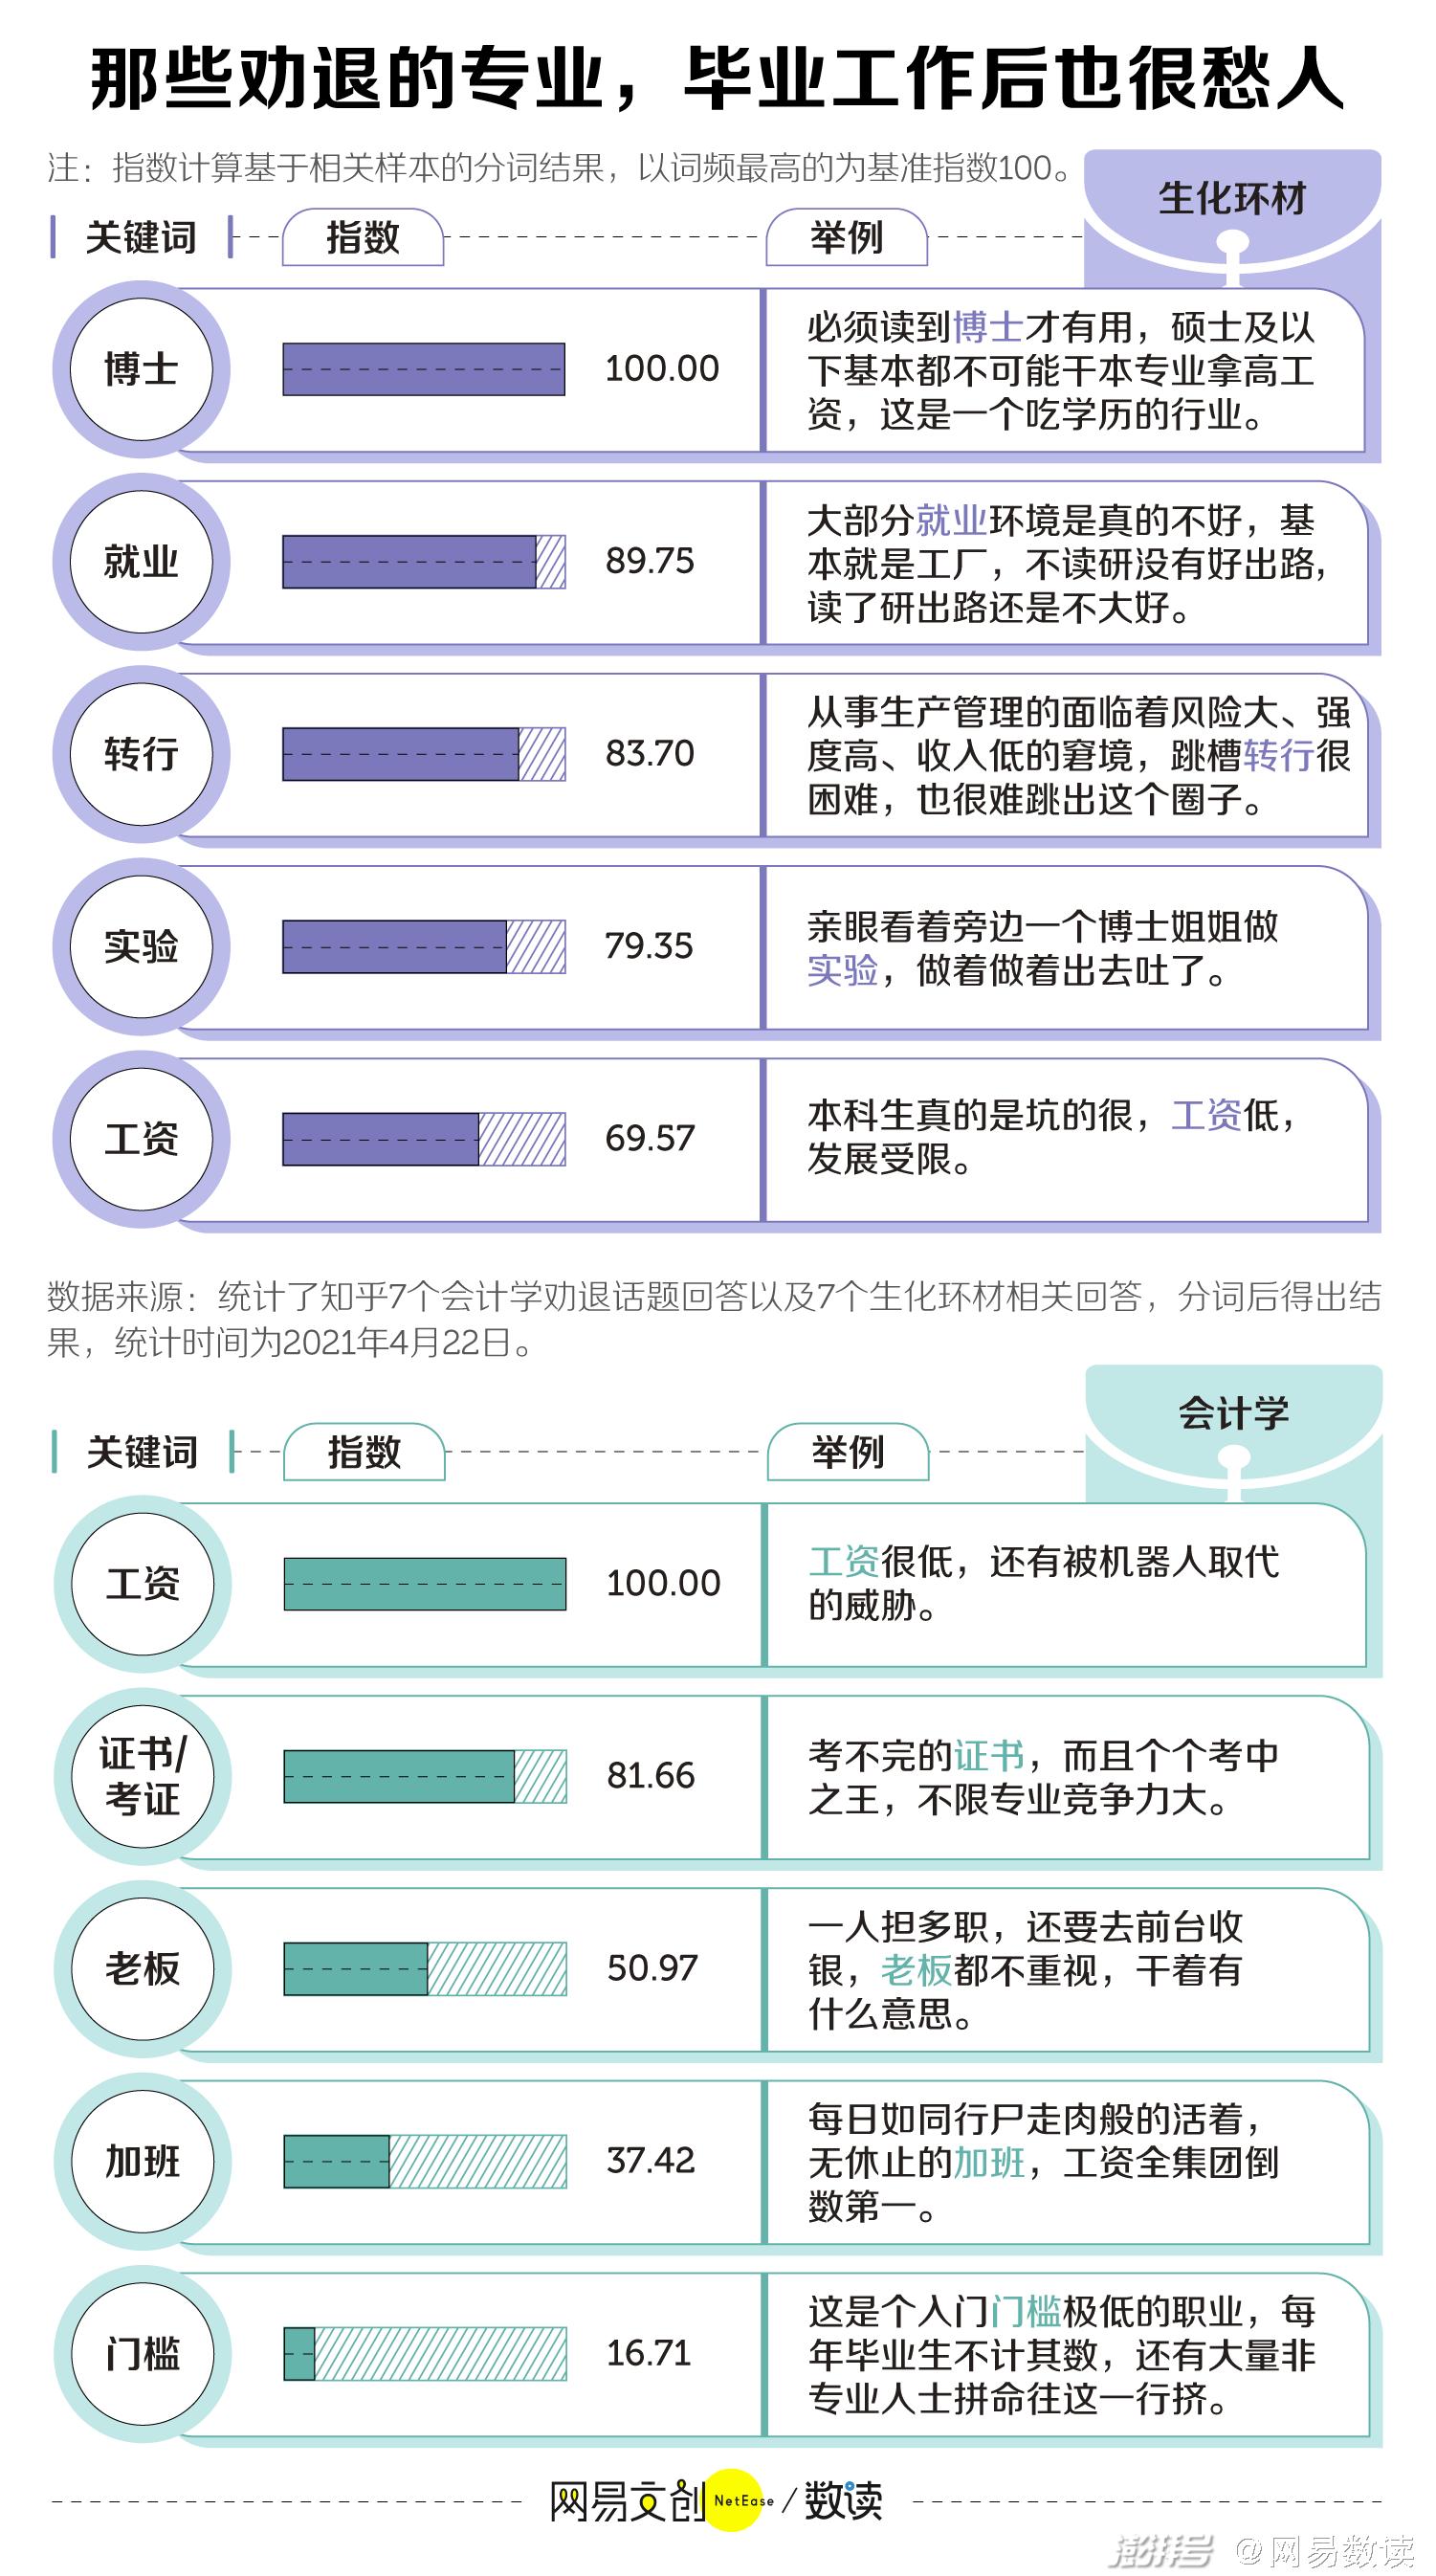 中国大学最劝退的专业,医学只能排第二